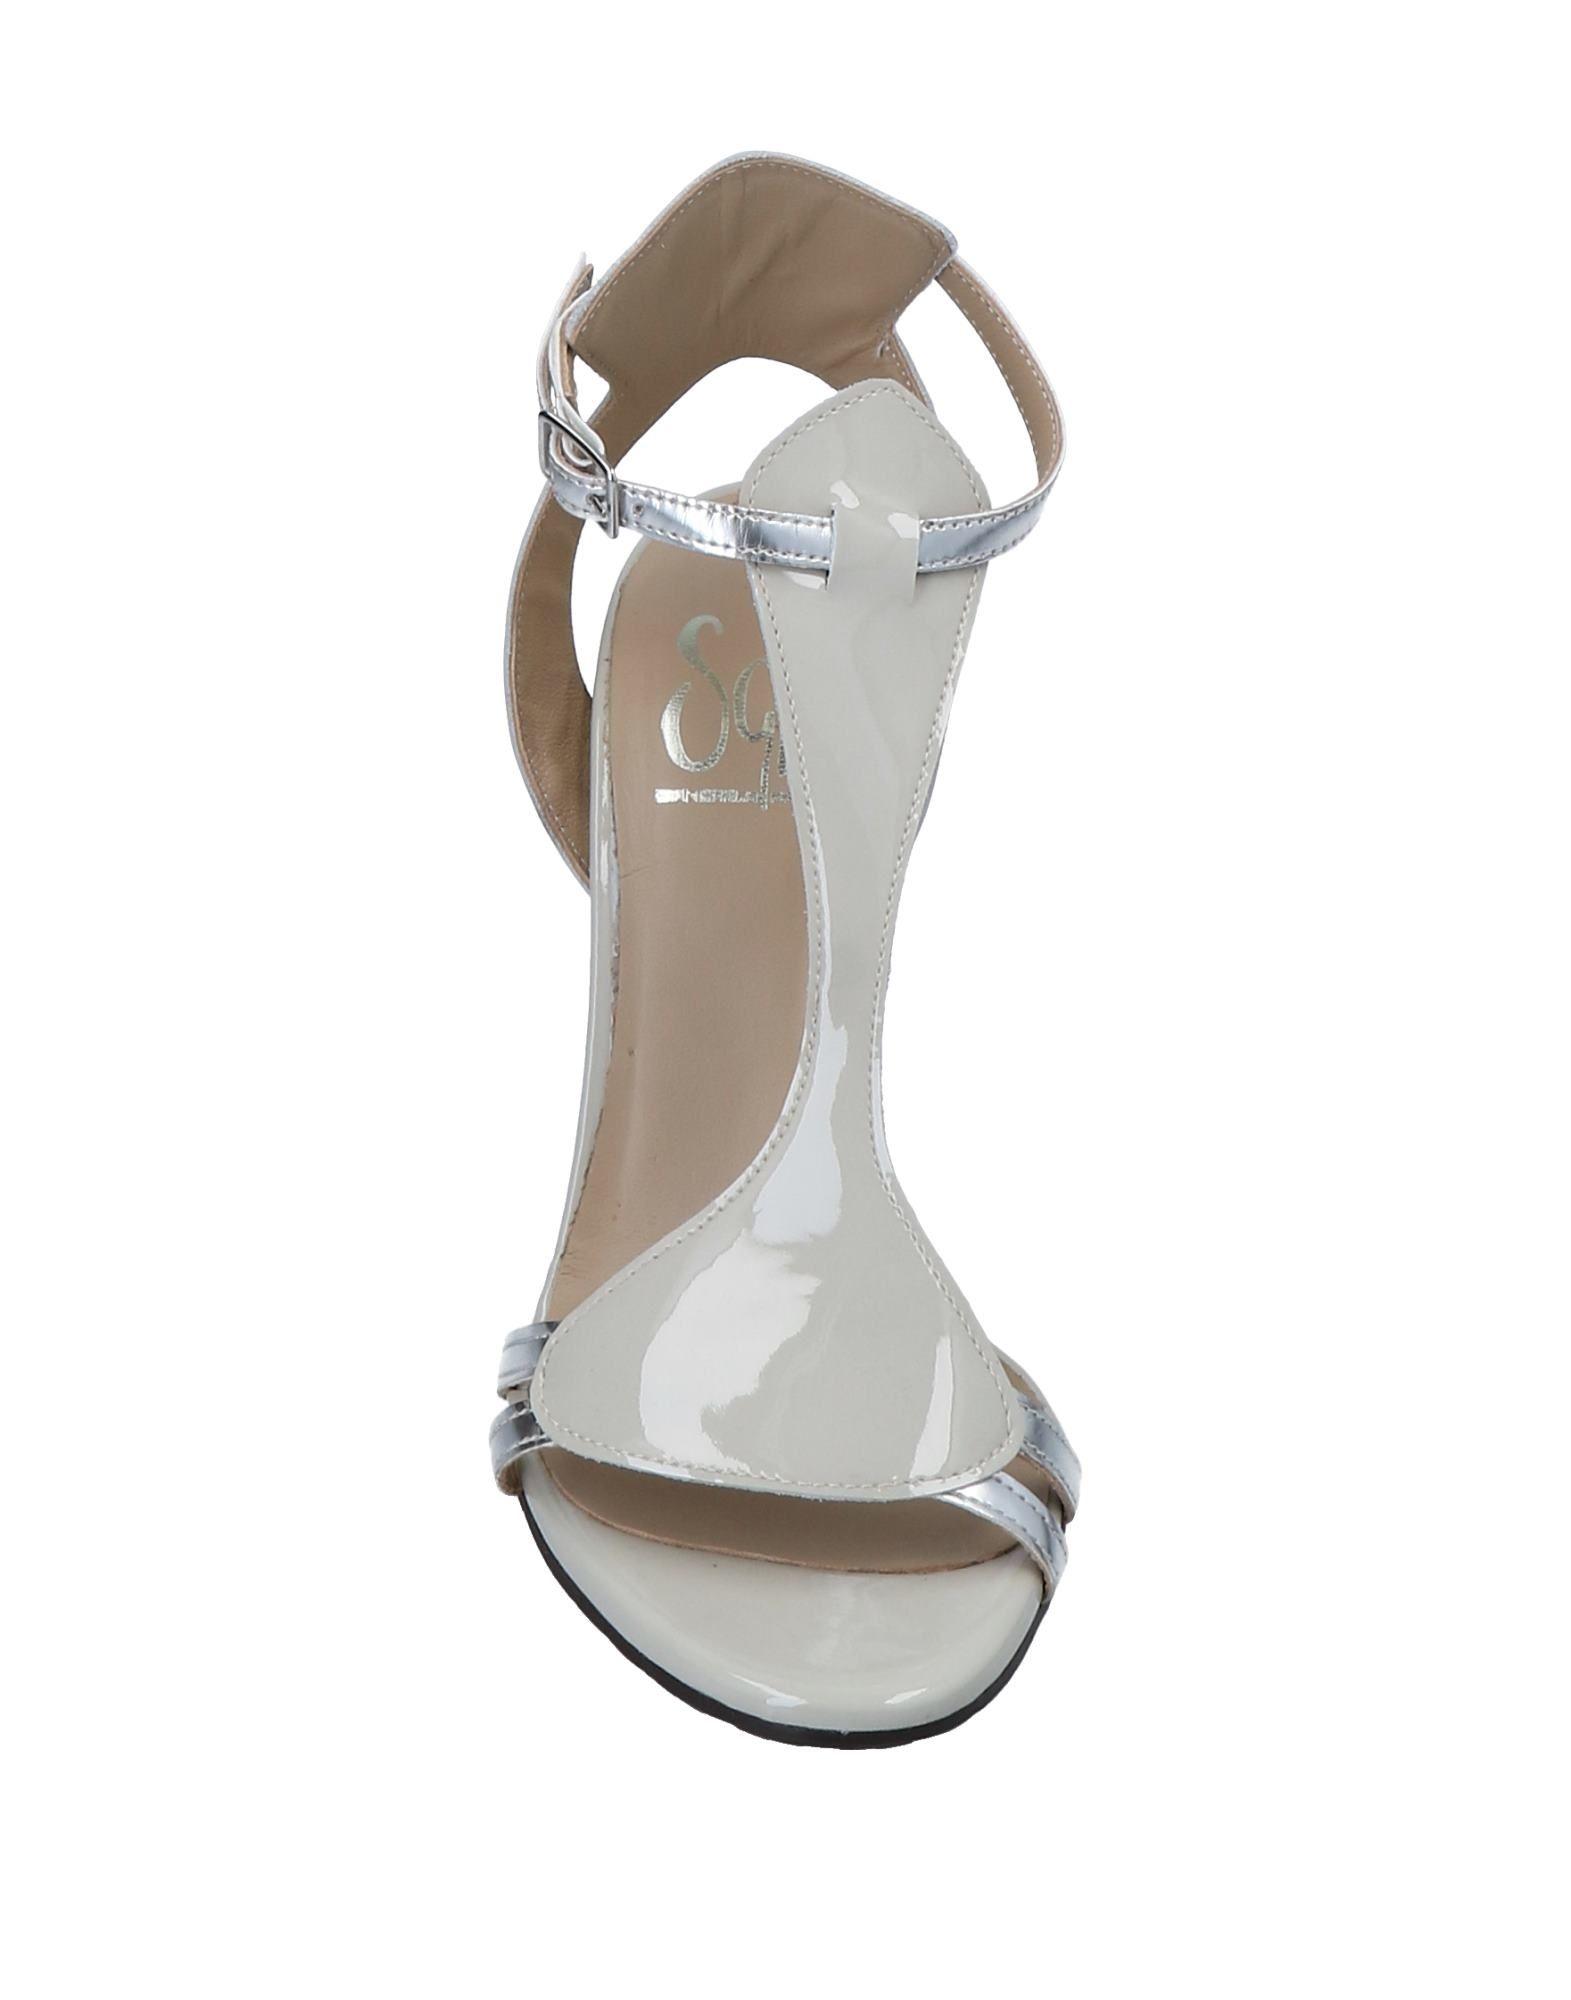 Gut tragenSgn um billige Schuhe zu tragenSgn Gut Giancarlo Paoli Sandalen Damen  11546116RR 5c5a35